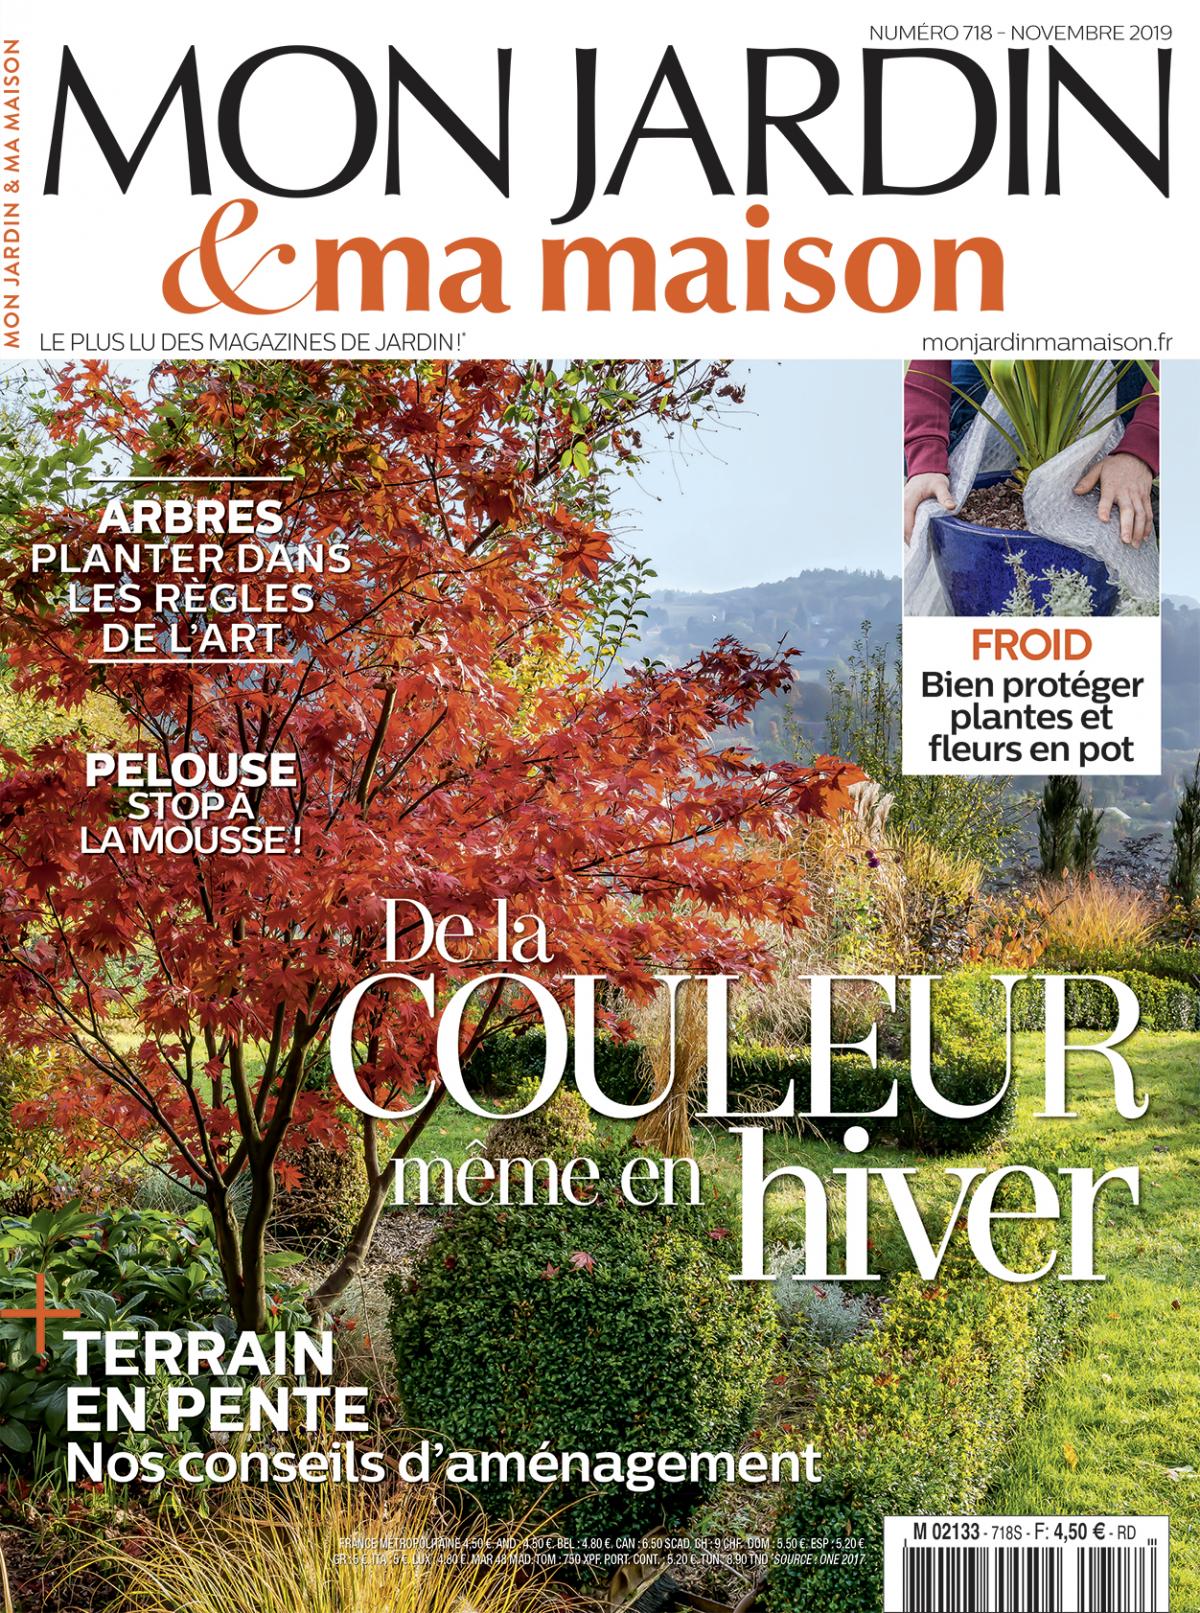 C Maison Et Jardin Magazine 15 magnifiques jardins secrets   all you can, world, reading